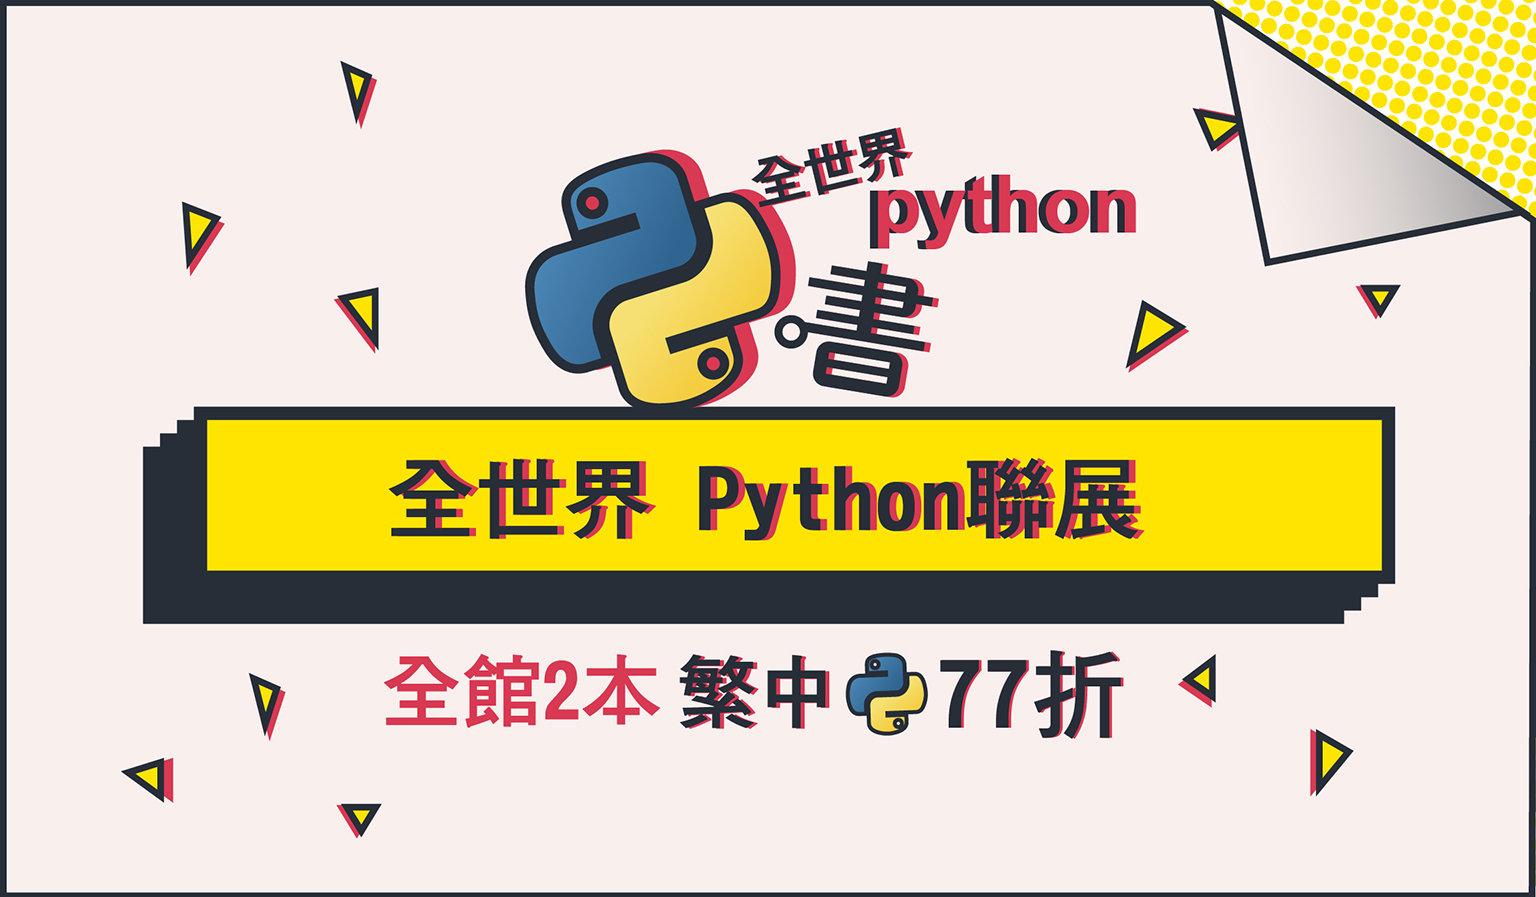 20180917 python%e7%b9%81%e4%b8%ad big1